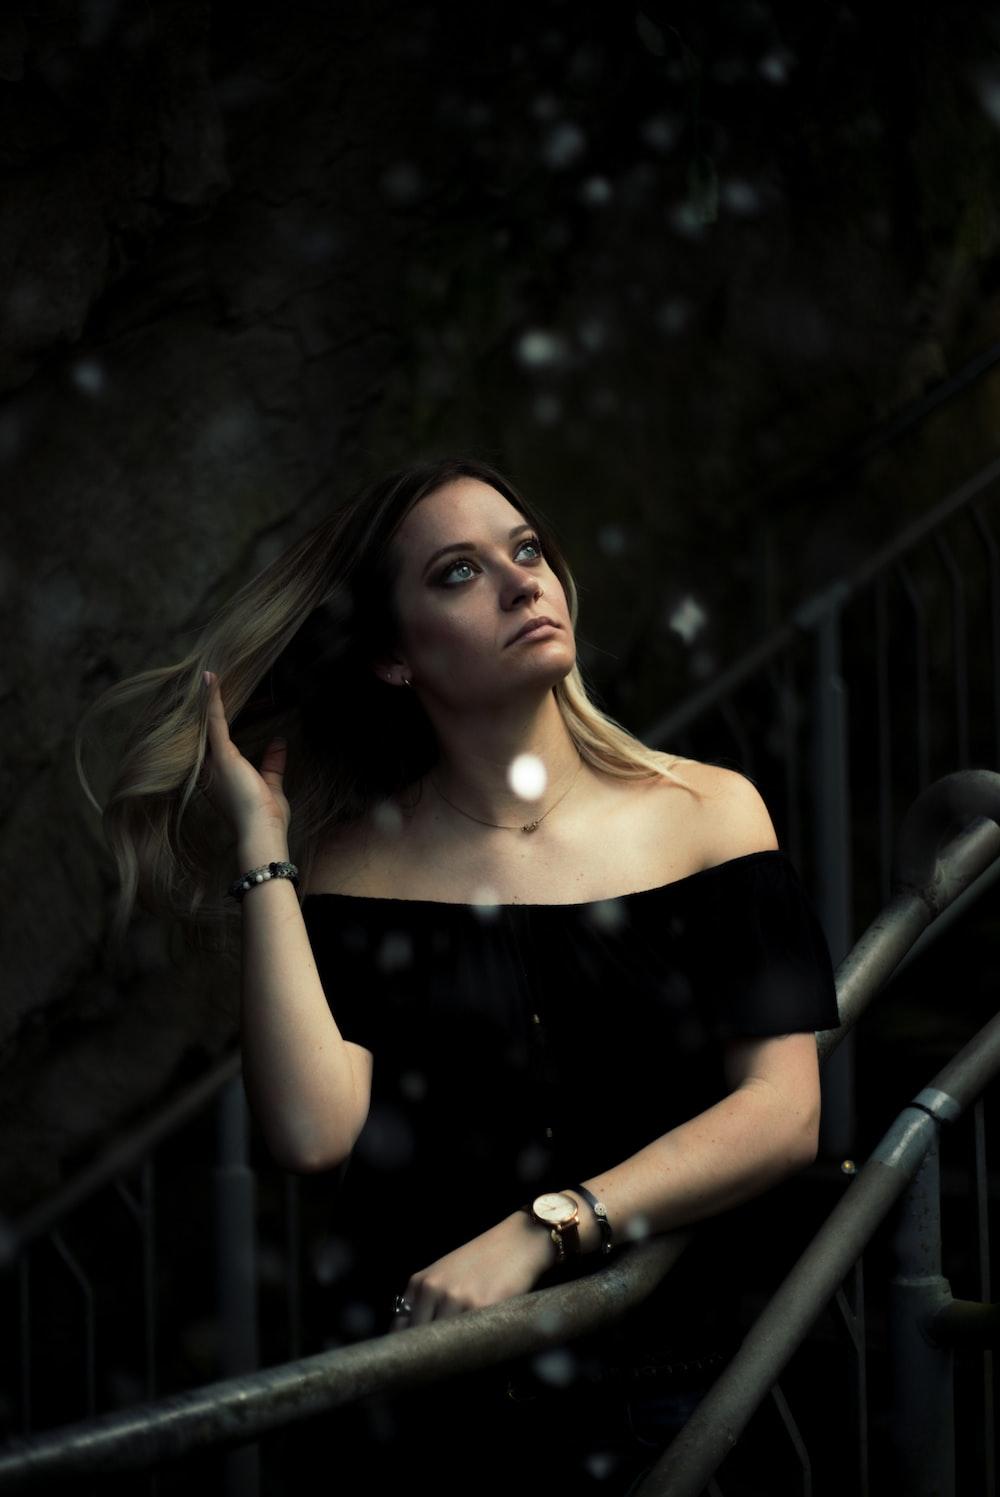 woman in black off-shoulder dress